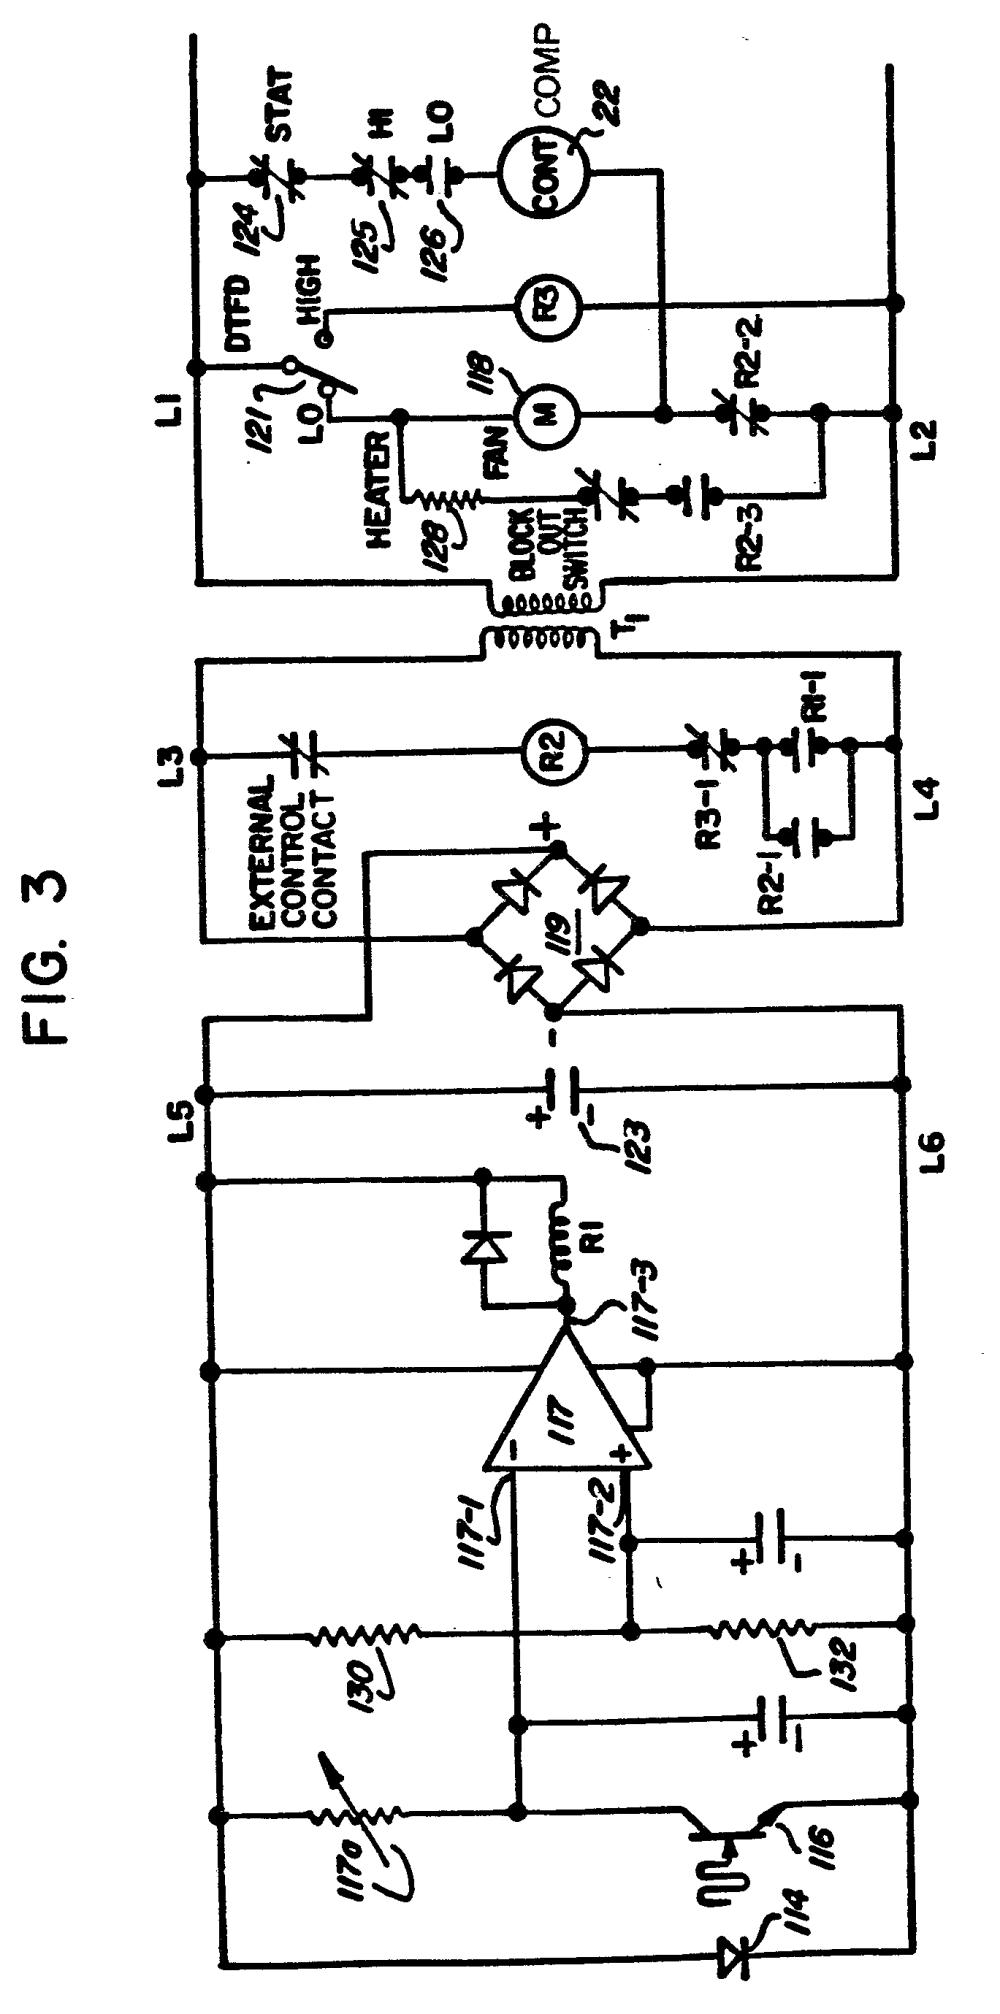 medium resolution of 2wire ballast wiring